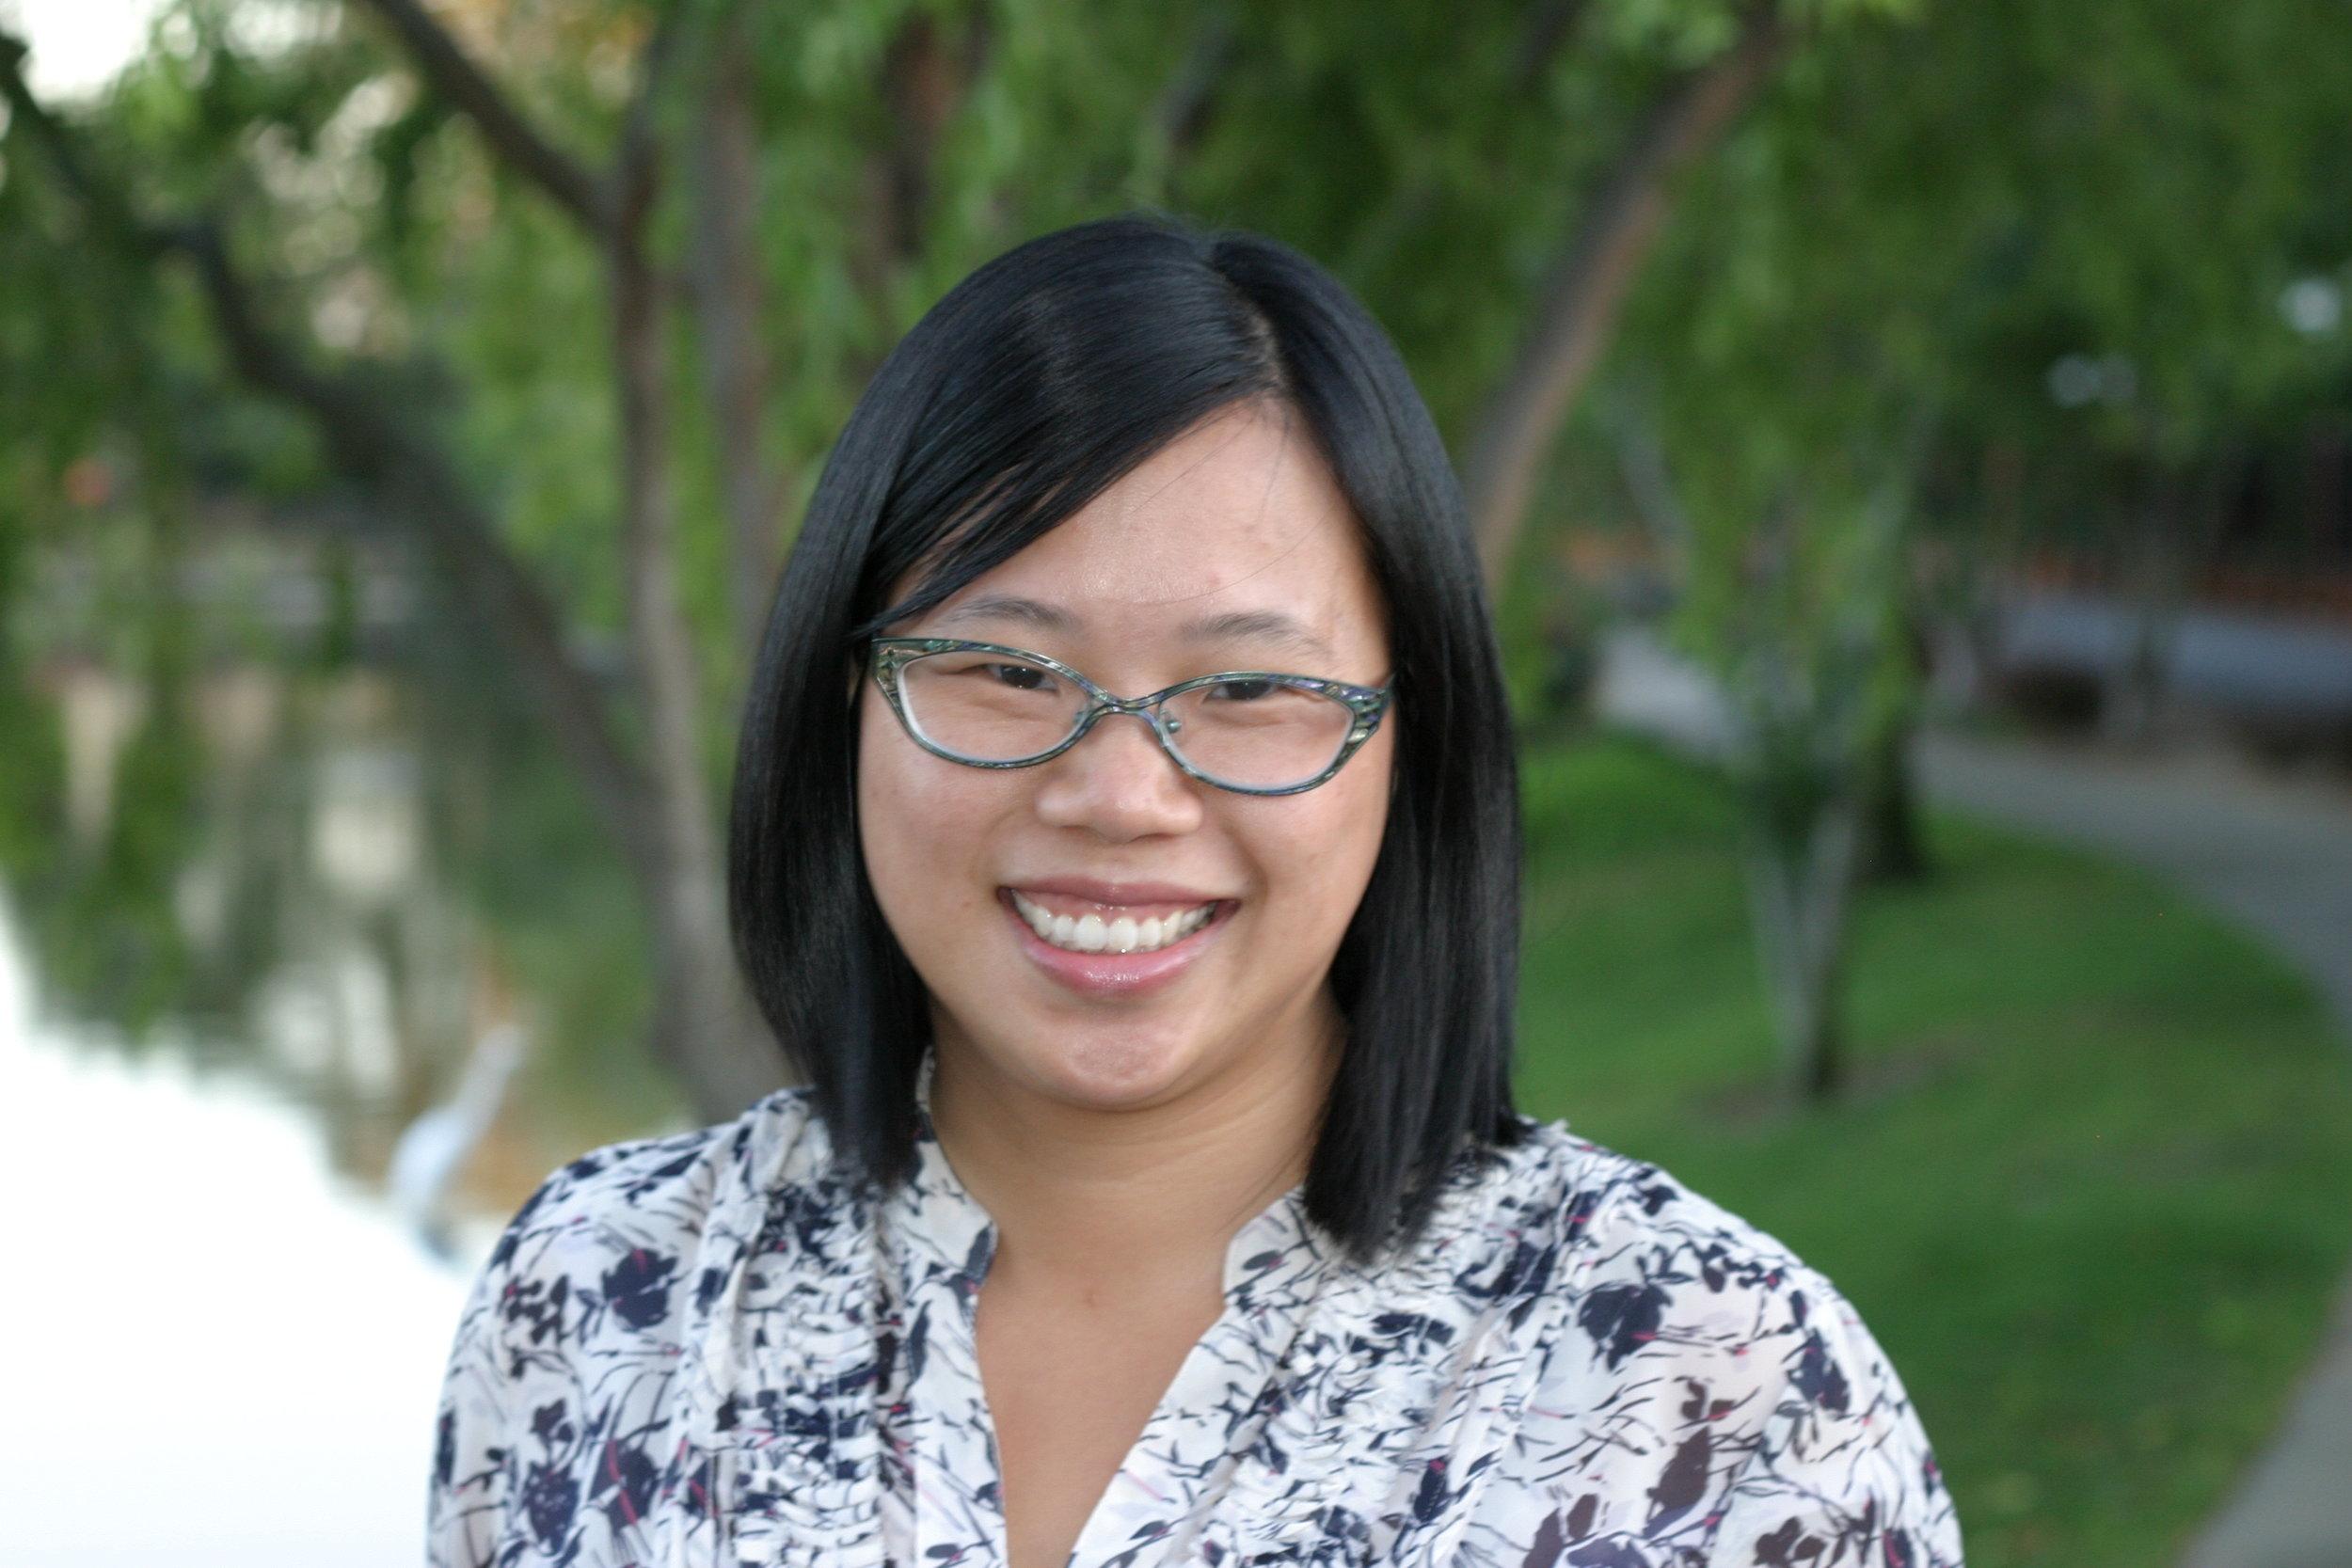 Karen Huen